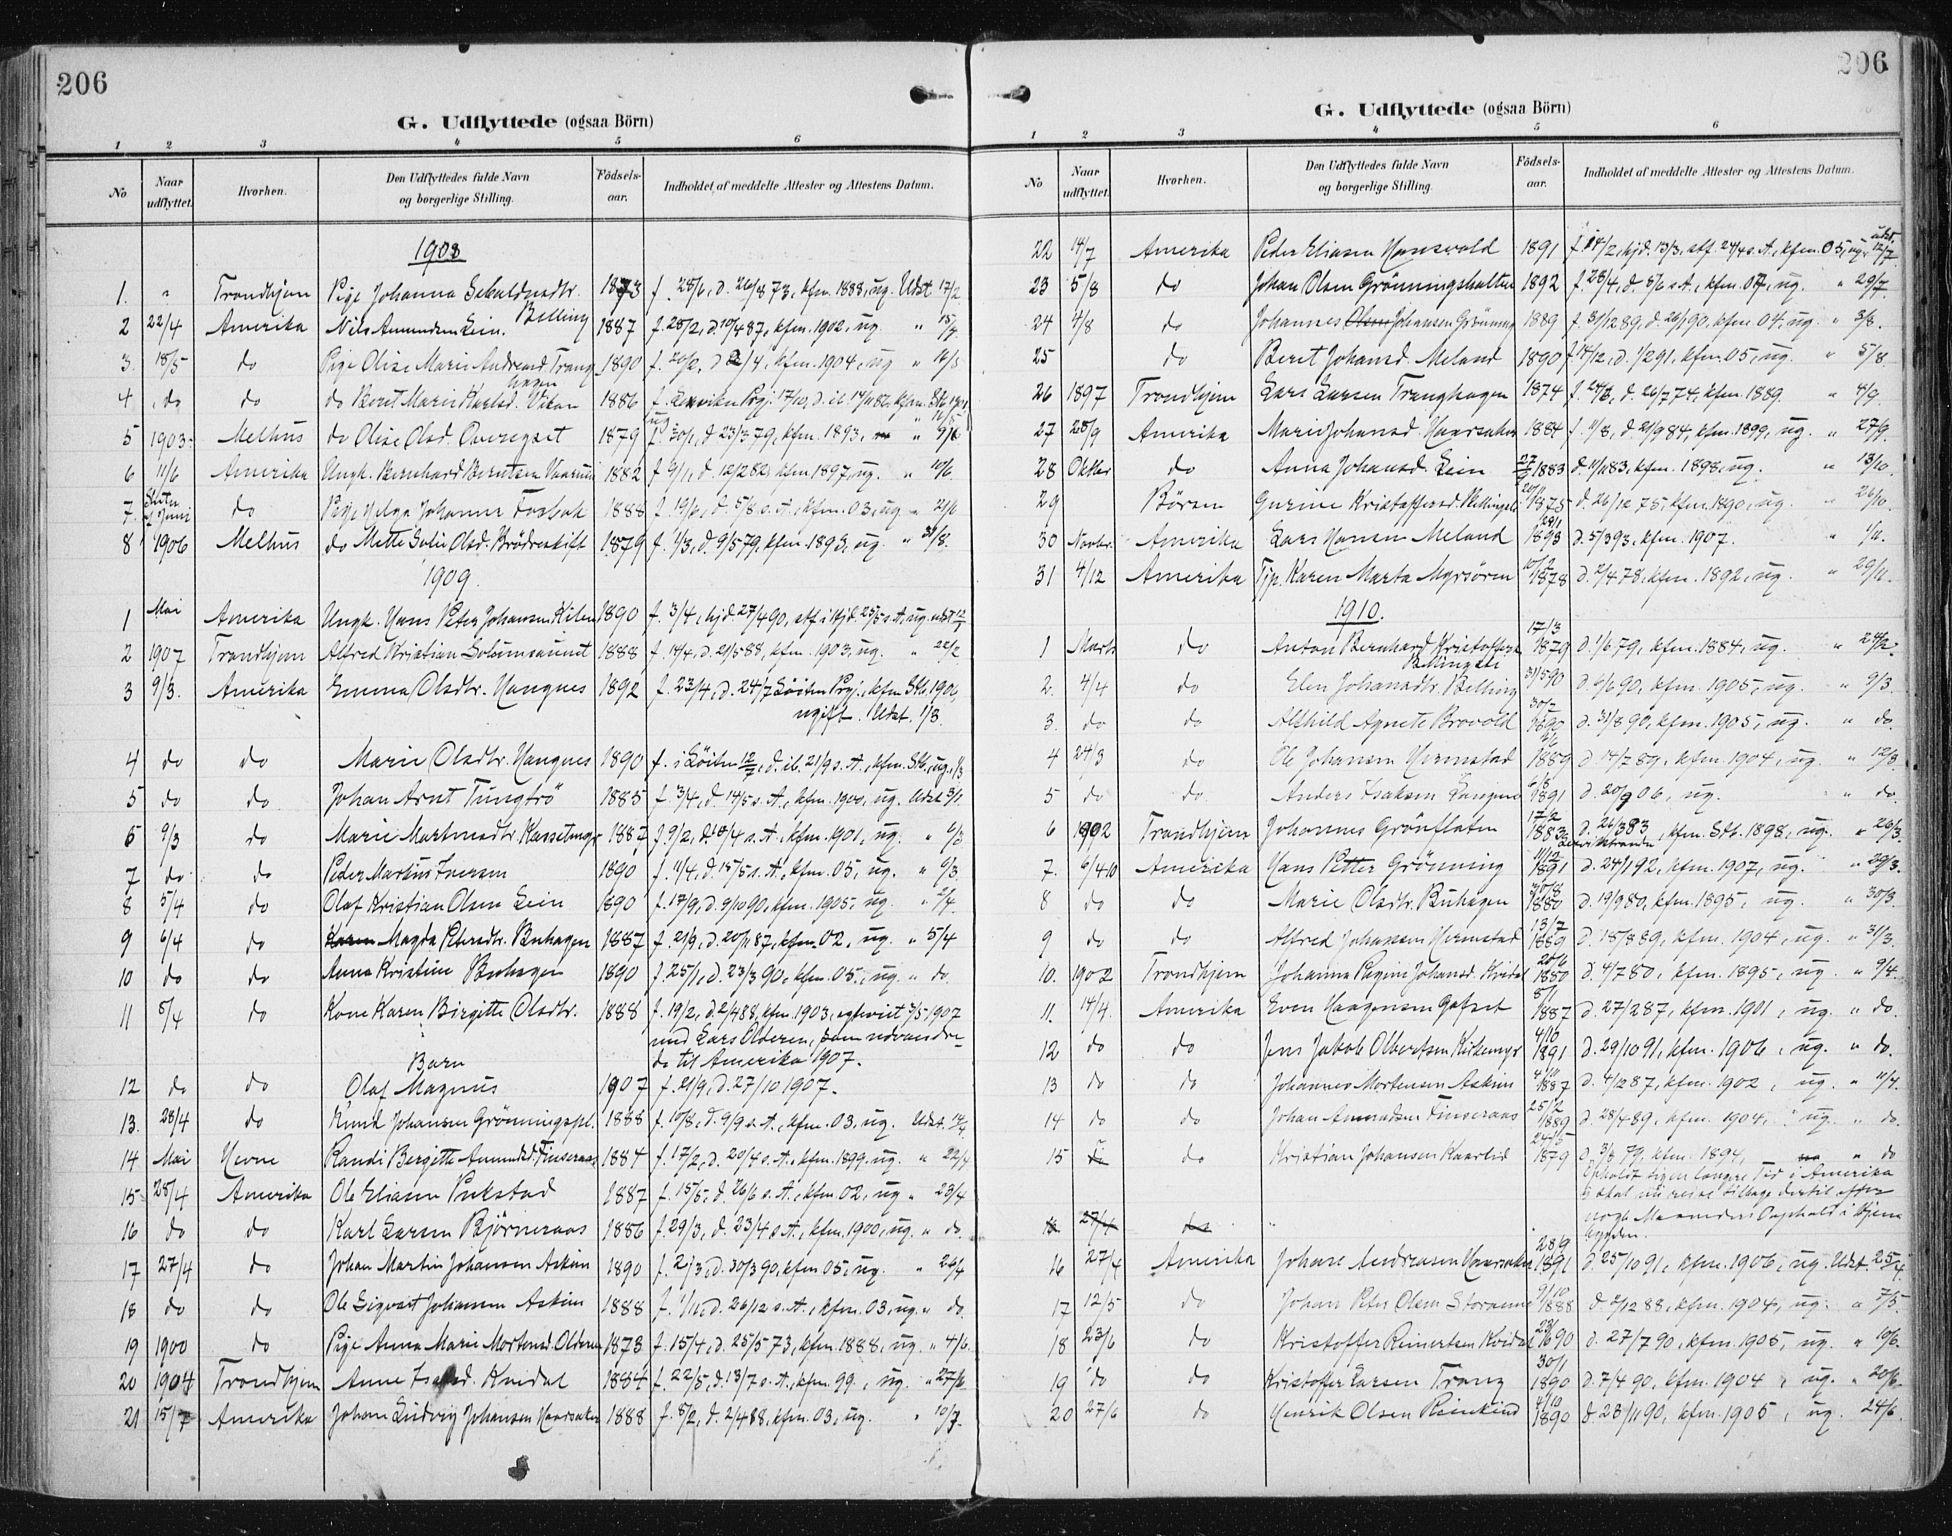 SAT, Ministerialprotokoller, klokkerbøker og fødselsregistre - Sør-Trøndelag, 646/L0616: Ministerialbok nr. 646A14, 1900-1918, s. 206